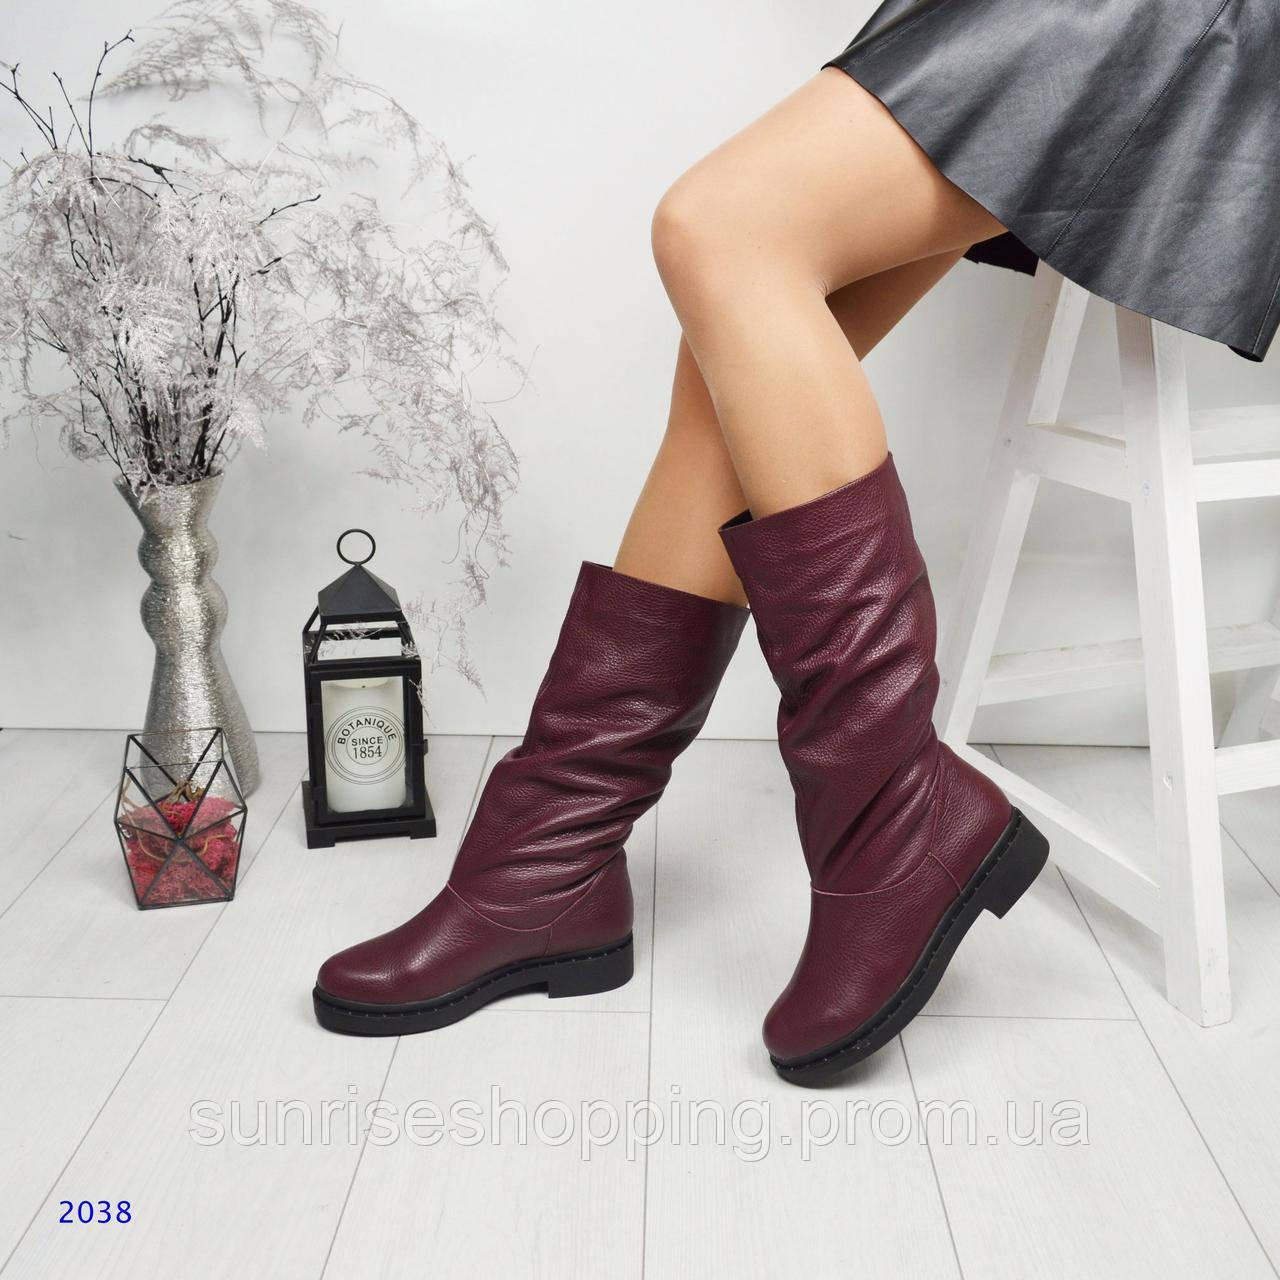 9a251c57bf39 Зимние натуральные кожаные сапоги-трубы (без змейки), цвет марсала ...